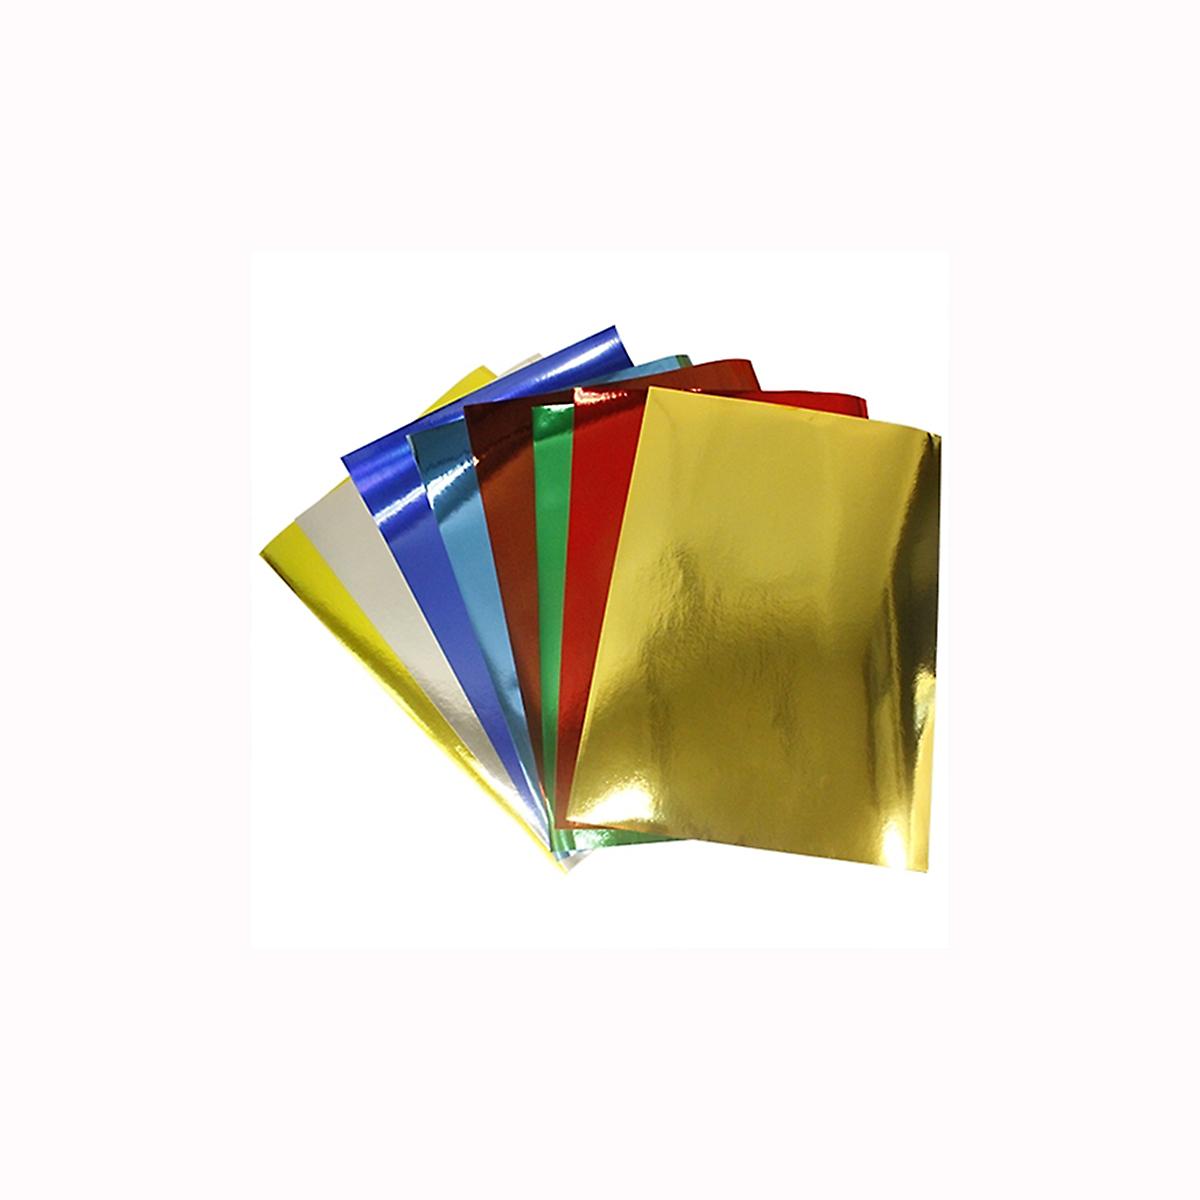 Бумага Бэстекс Металлик, 5 листов. 545635545635Бумага Бэстекс Металлик идеально подходит для творческих работ и скрапбукинга.Бумага Бэстекс Металлик поможет вам сохранить все важные моменты жизни на собственных изделиях из фотографий, газетных вырезок, рисунков и других памятных мелочей. Эту бумагу можно использовать как фон или для создания декоративных элементов.Плотность бумаги - 80 грм2 В наборе 5 листов формата А4.